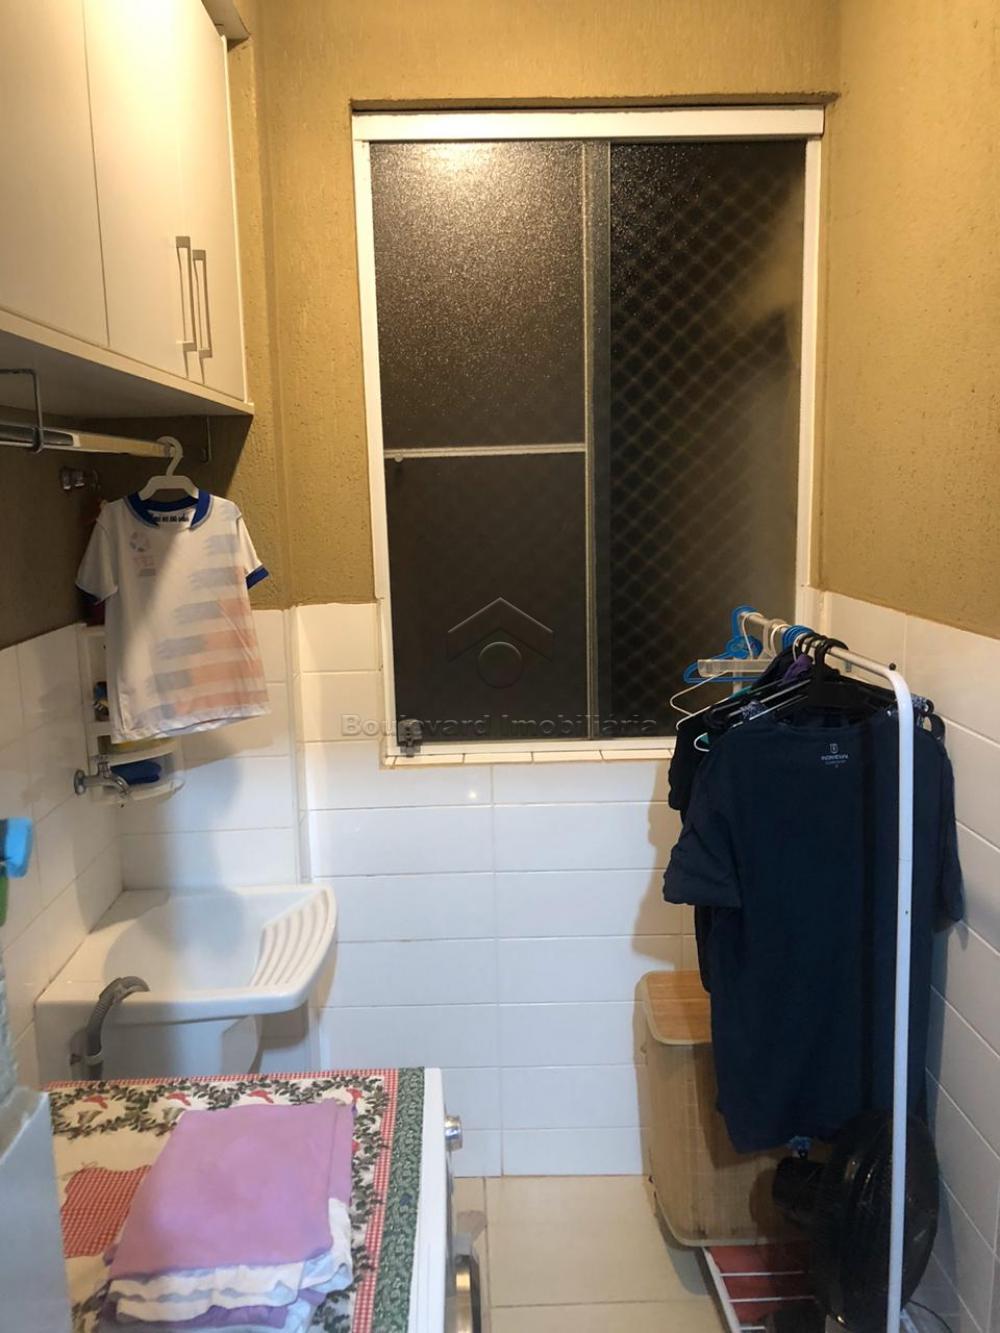 Comprar Apartamento / Padrão em Ribeirão Preto R$ 350.000,00 - Foto 12